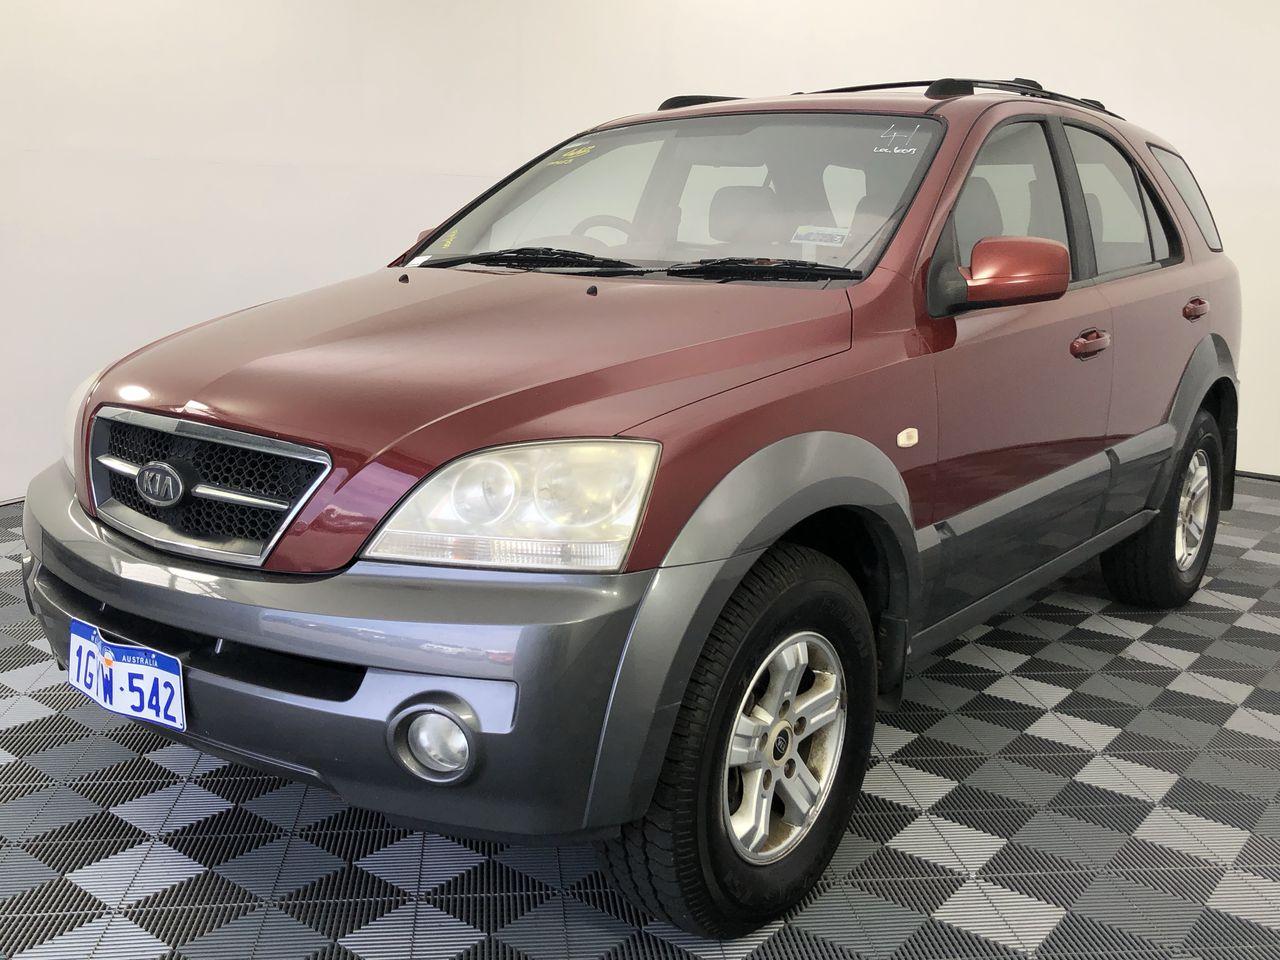 2005 Kia Sorento BL Automatic Wagon